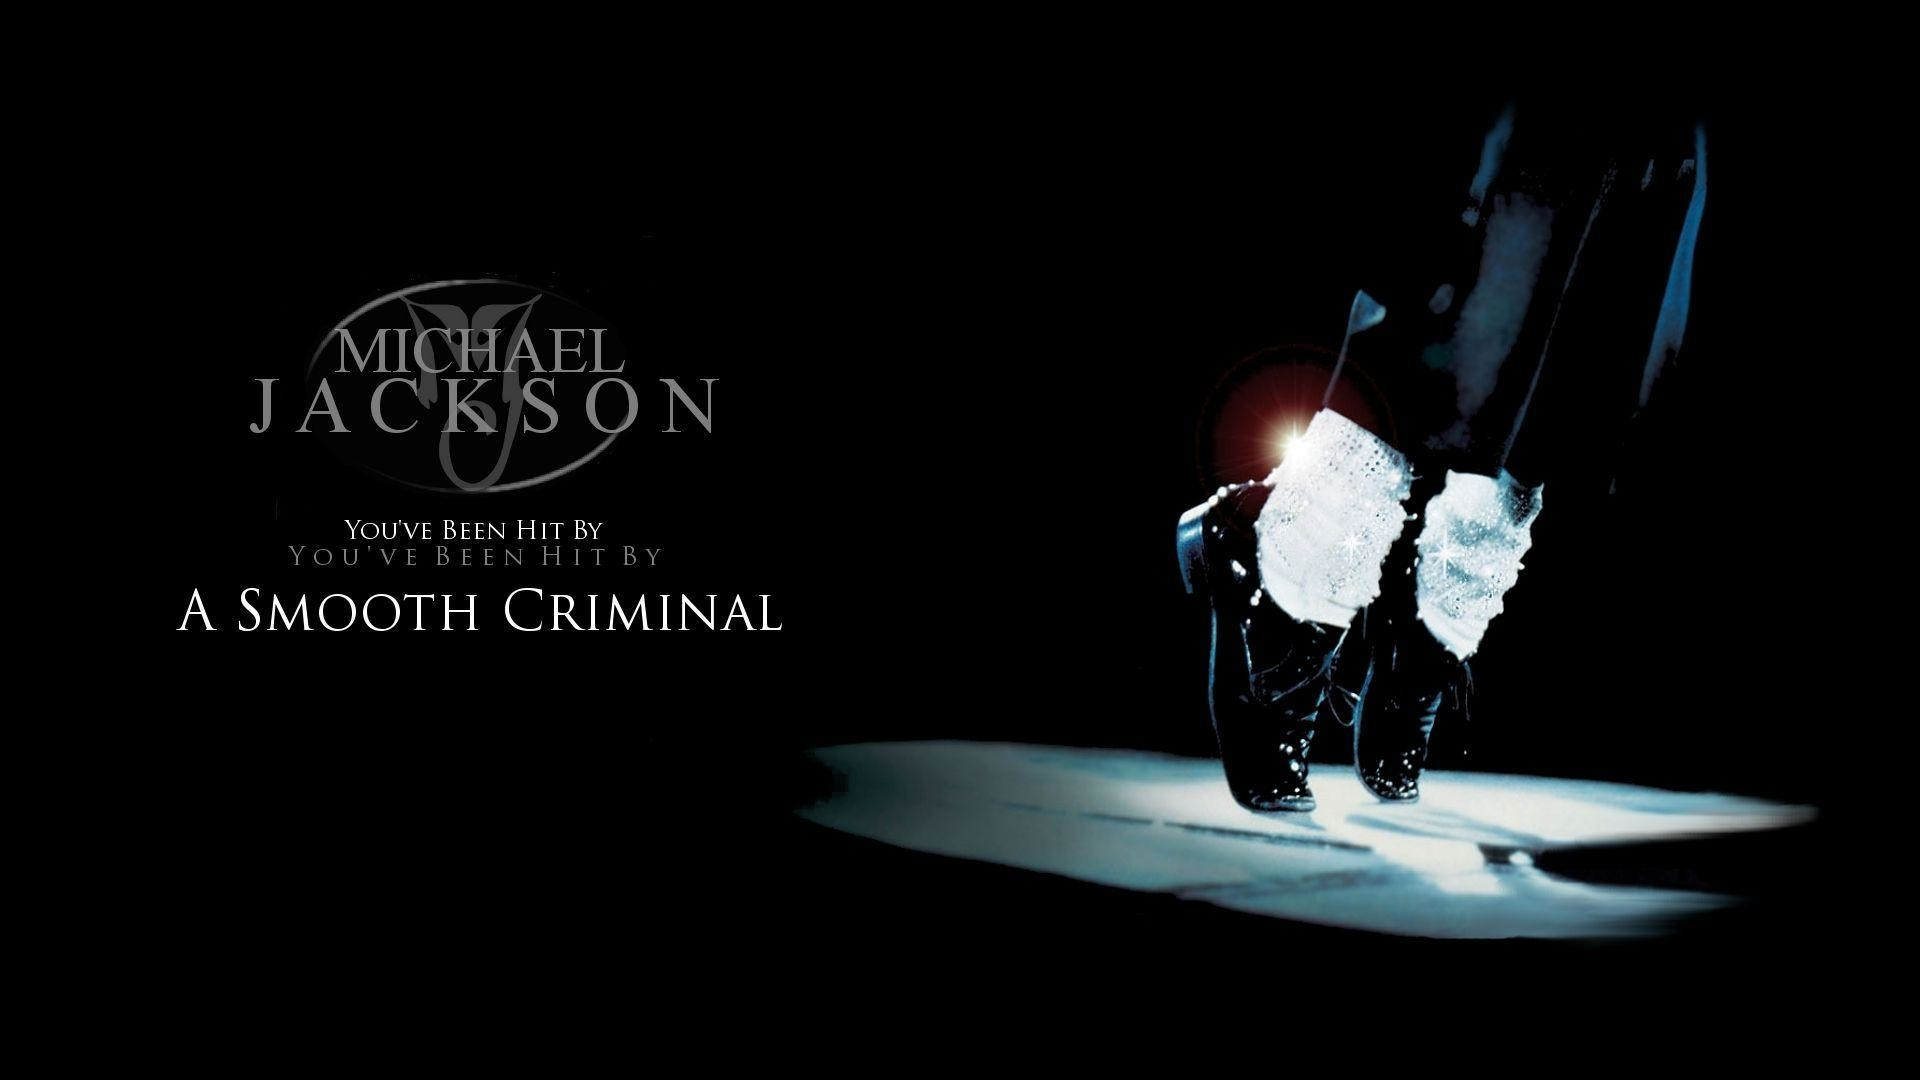 Download Michael Jackson Wallpaper 1080p 39160 Hd